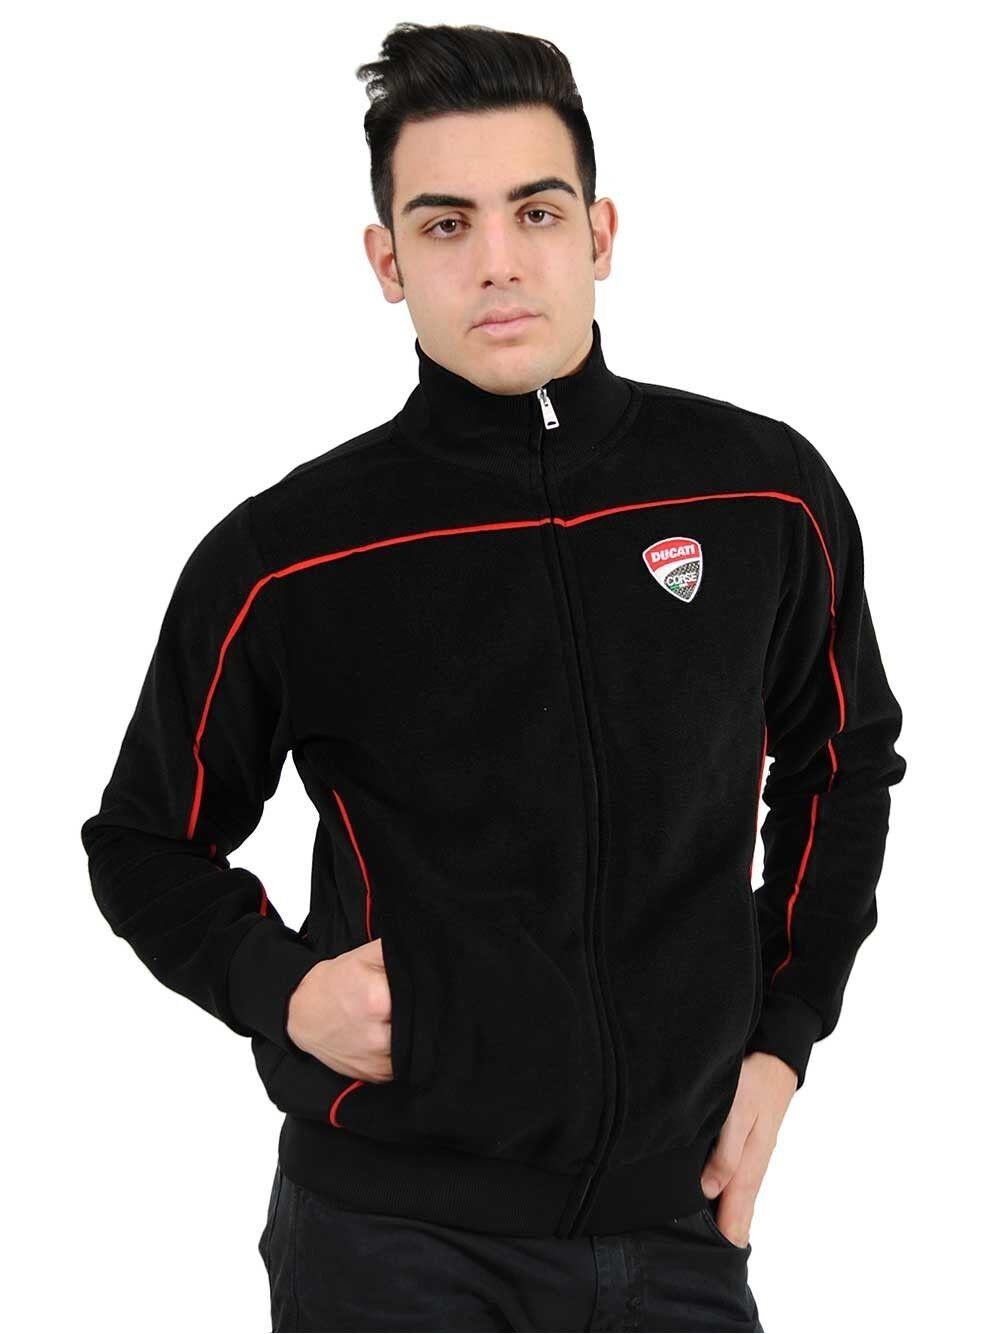 Official Ducati Corse Flor Flor Flor Sweatshirt - 16 66001   | Bekannt für seine gute Qualität  b4123a